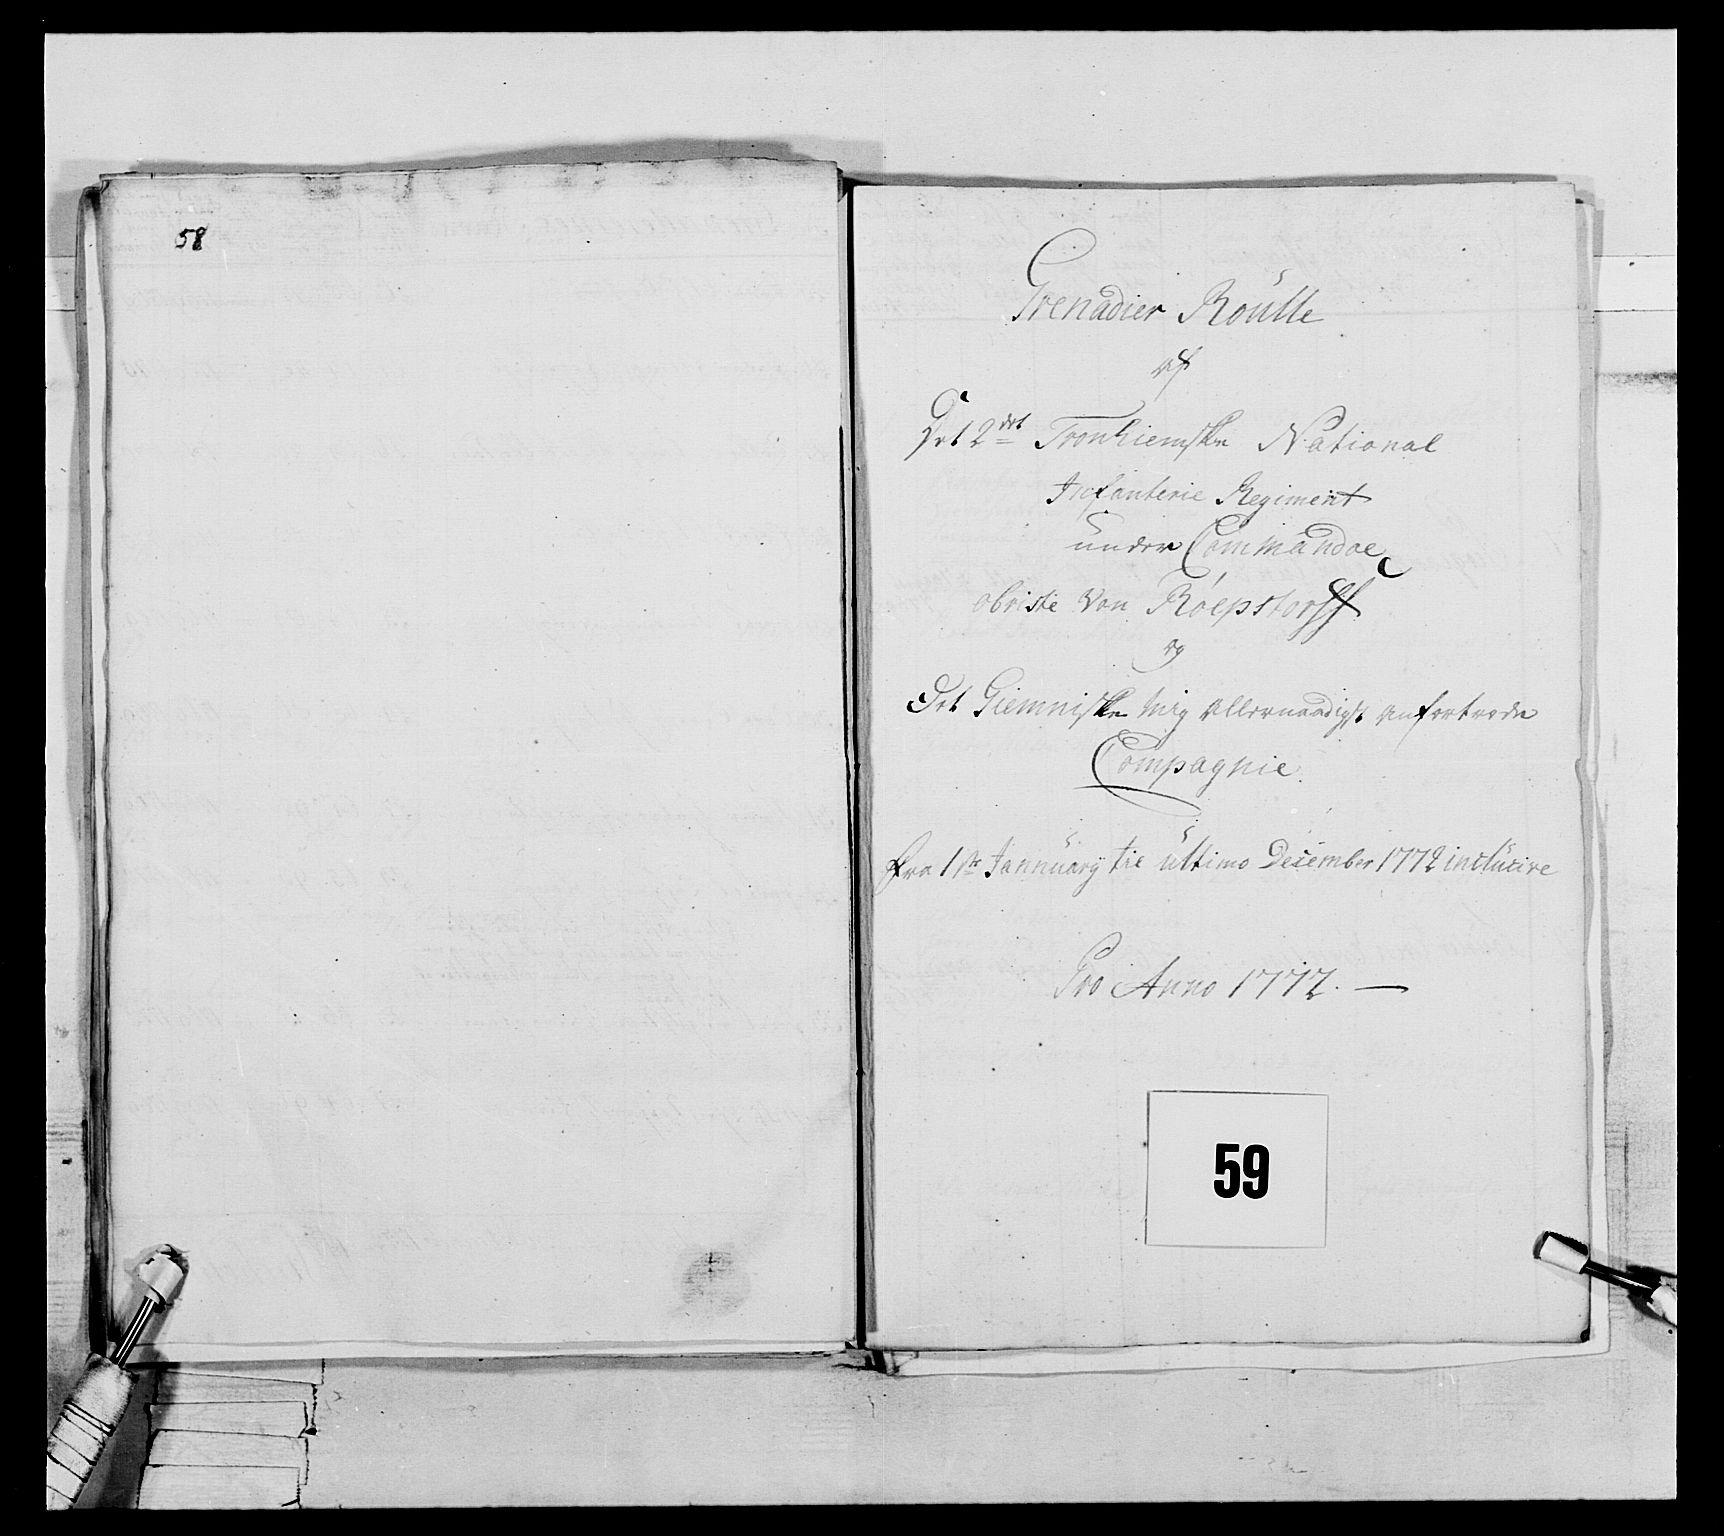 RA, Generalitets- og kommissariatskollegiet, Det kongelige norske kommissariatskollegium, E/Eh/L0076: 2. Trondheimske nasjonale infanteriregiment, 1766-1773, s. 203